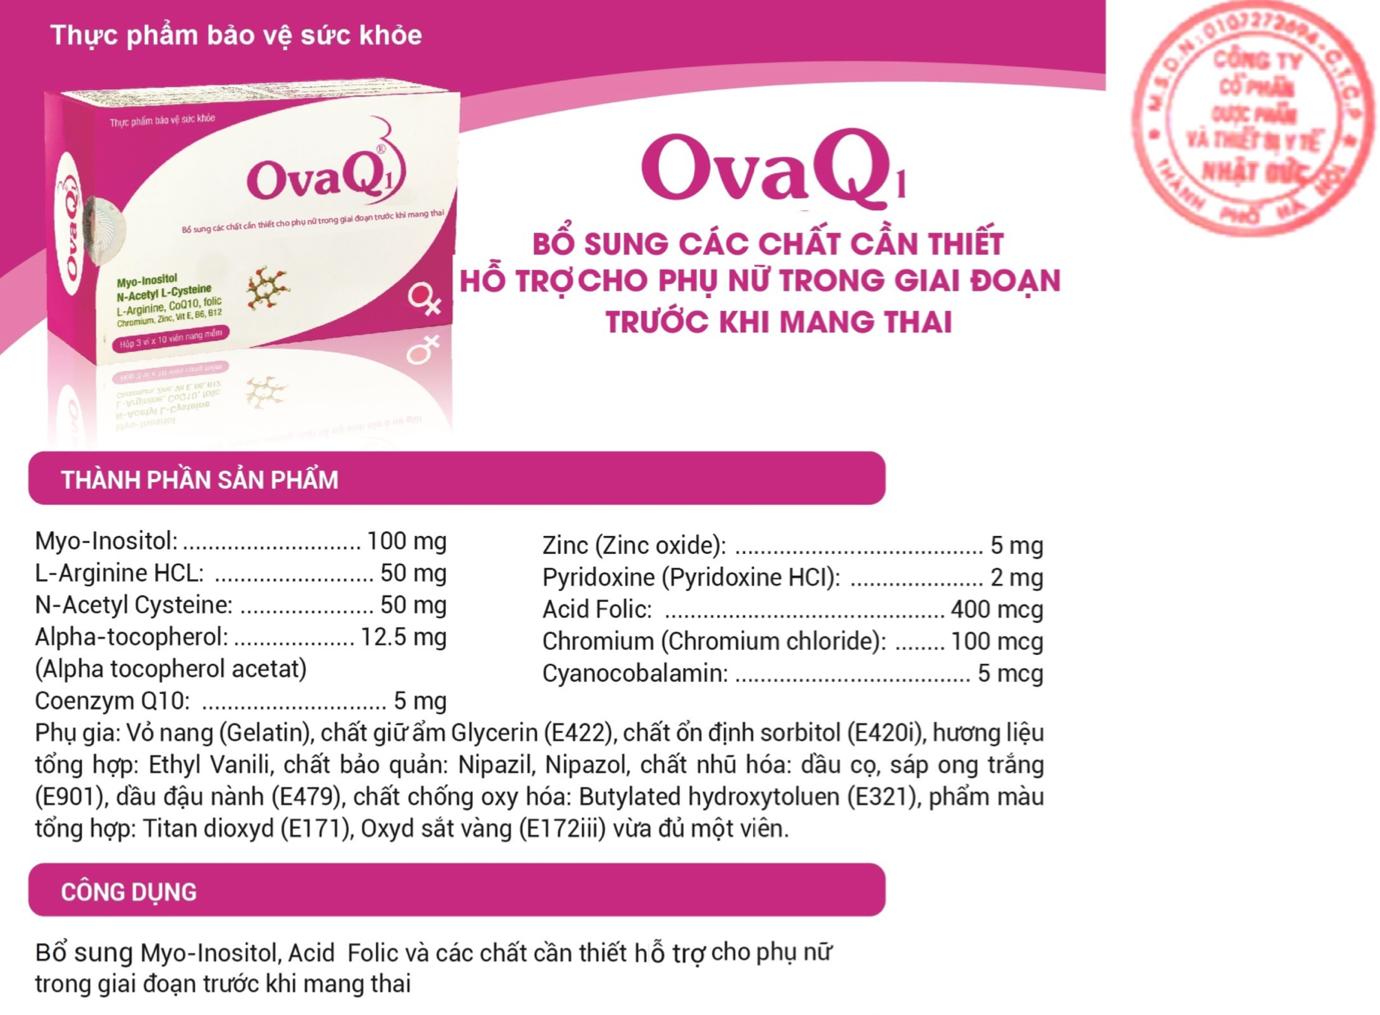 TPBVSK SpermQ – OvaQ1: Quảng cáo lừa dối người tiêu dùng? - Ảnh 4